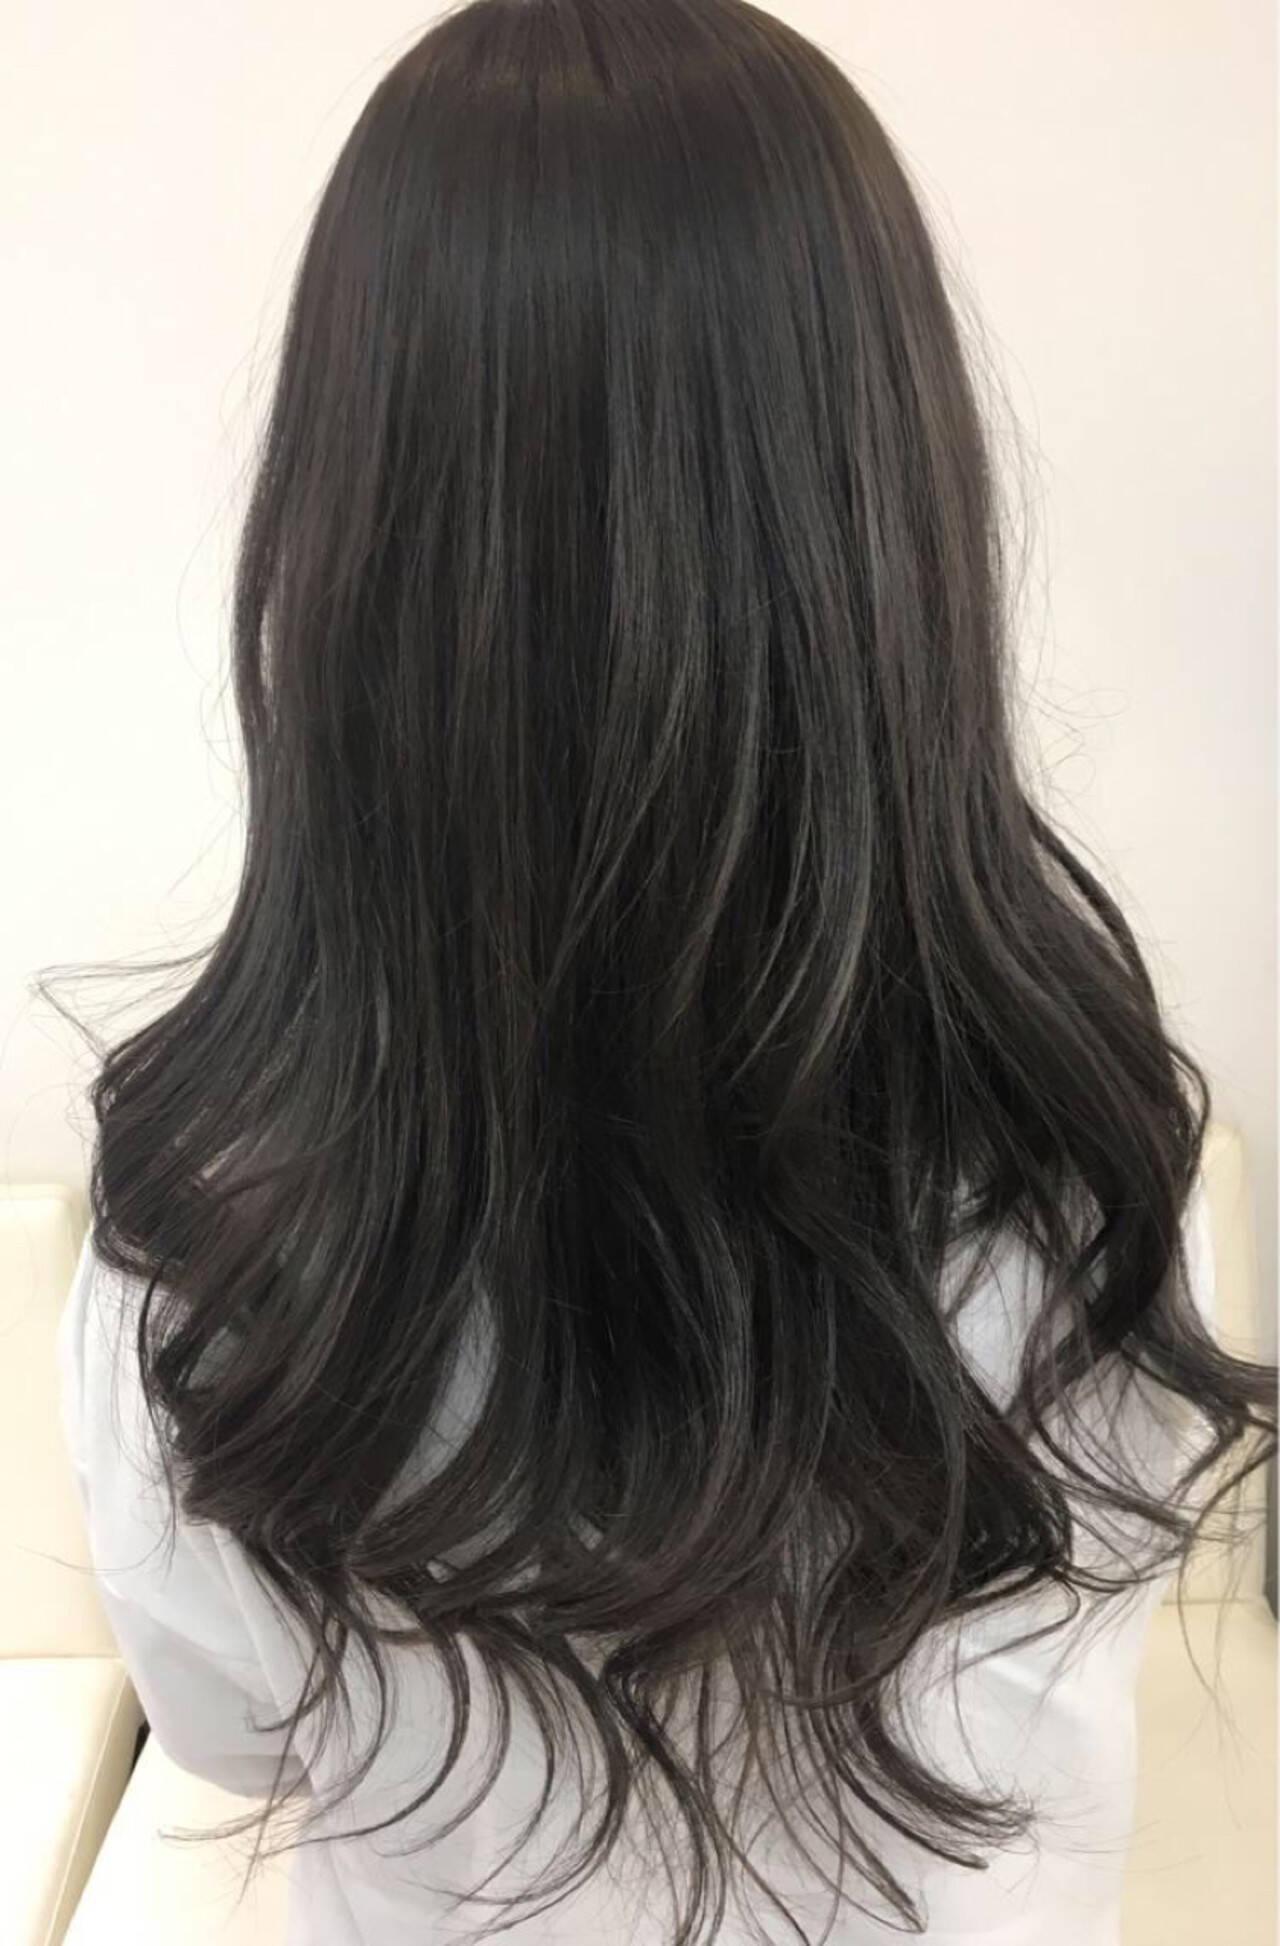 ナチュラル 透明感 イルミナカラー アッシュヘアスタイルや髪型の写真・画像